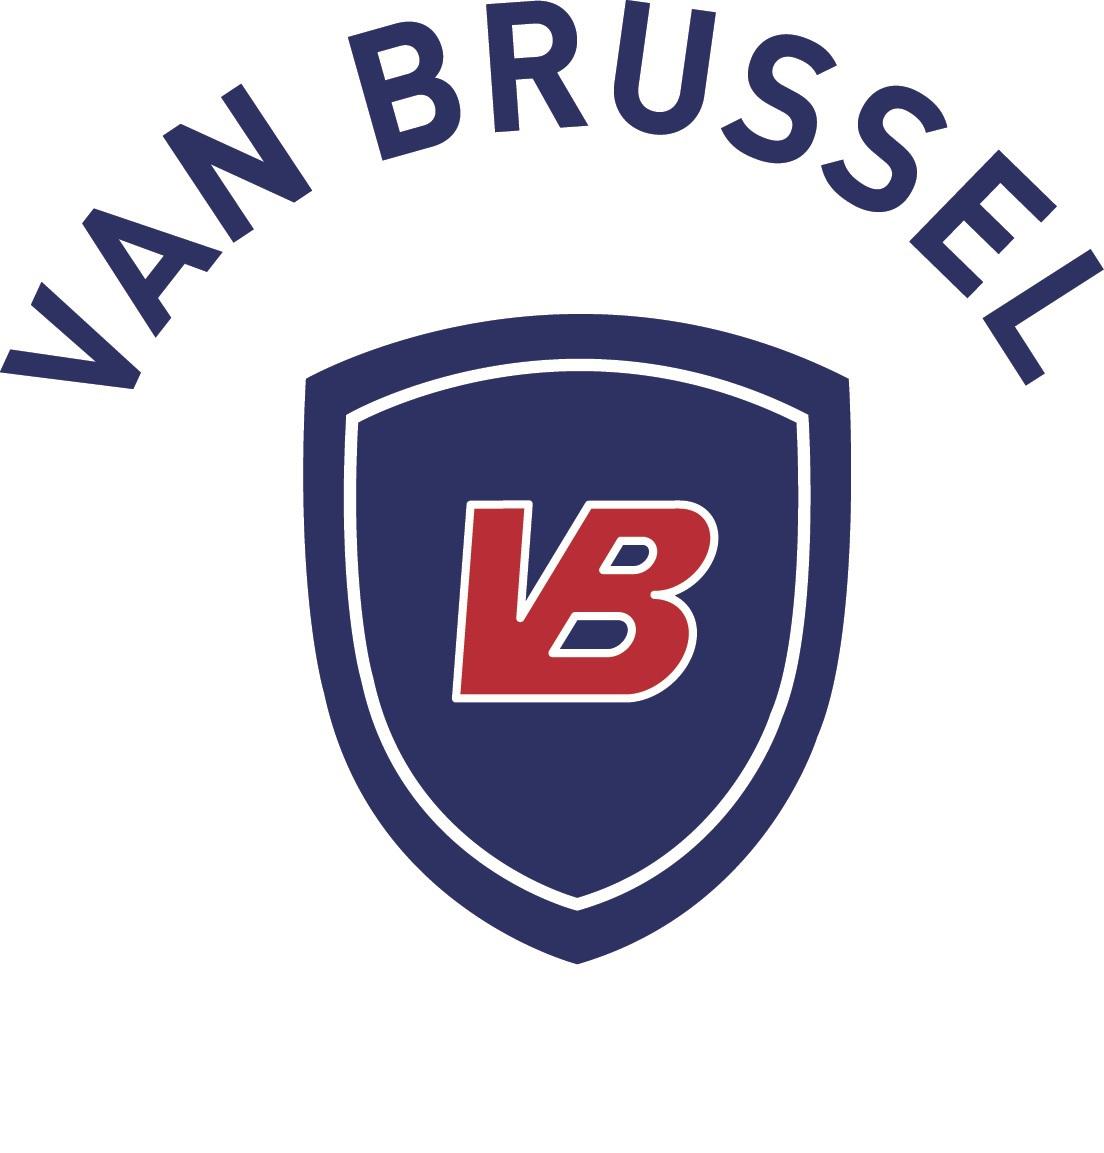 VAN BRUSSEL